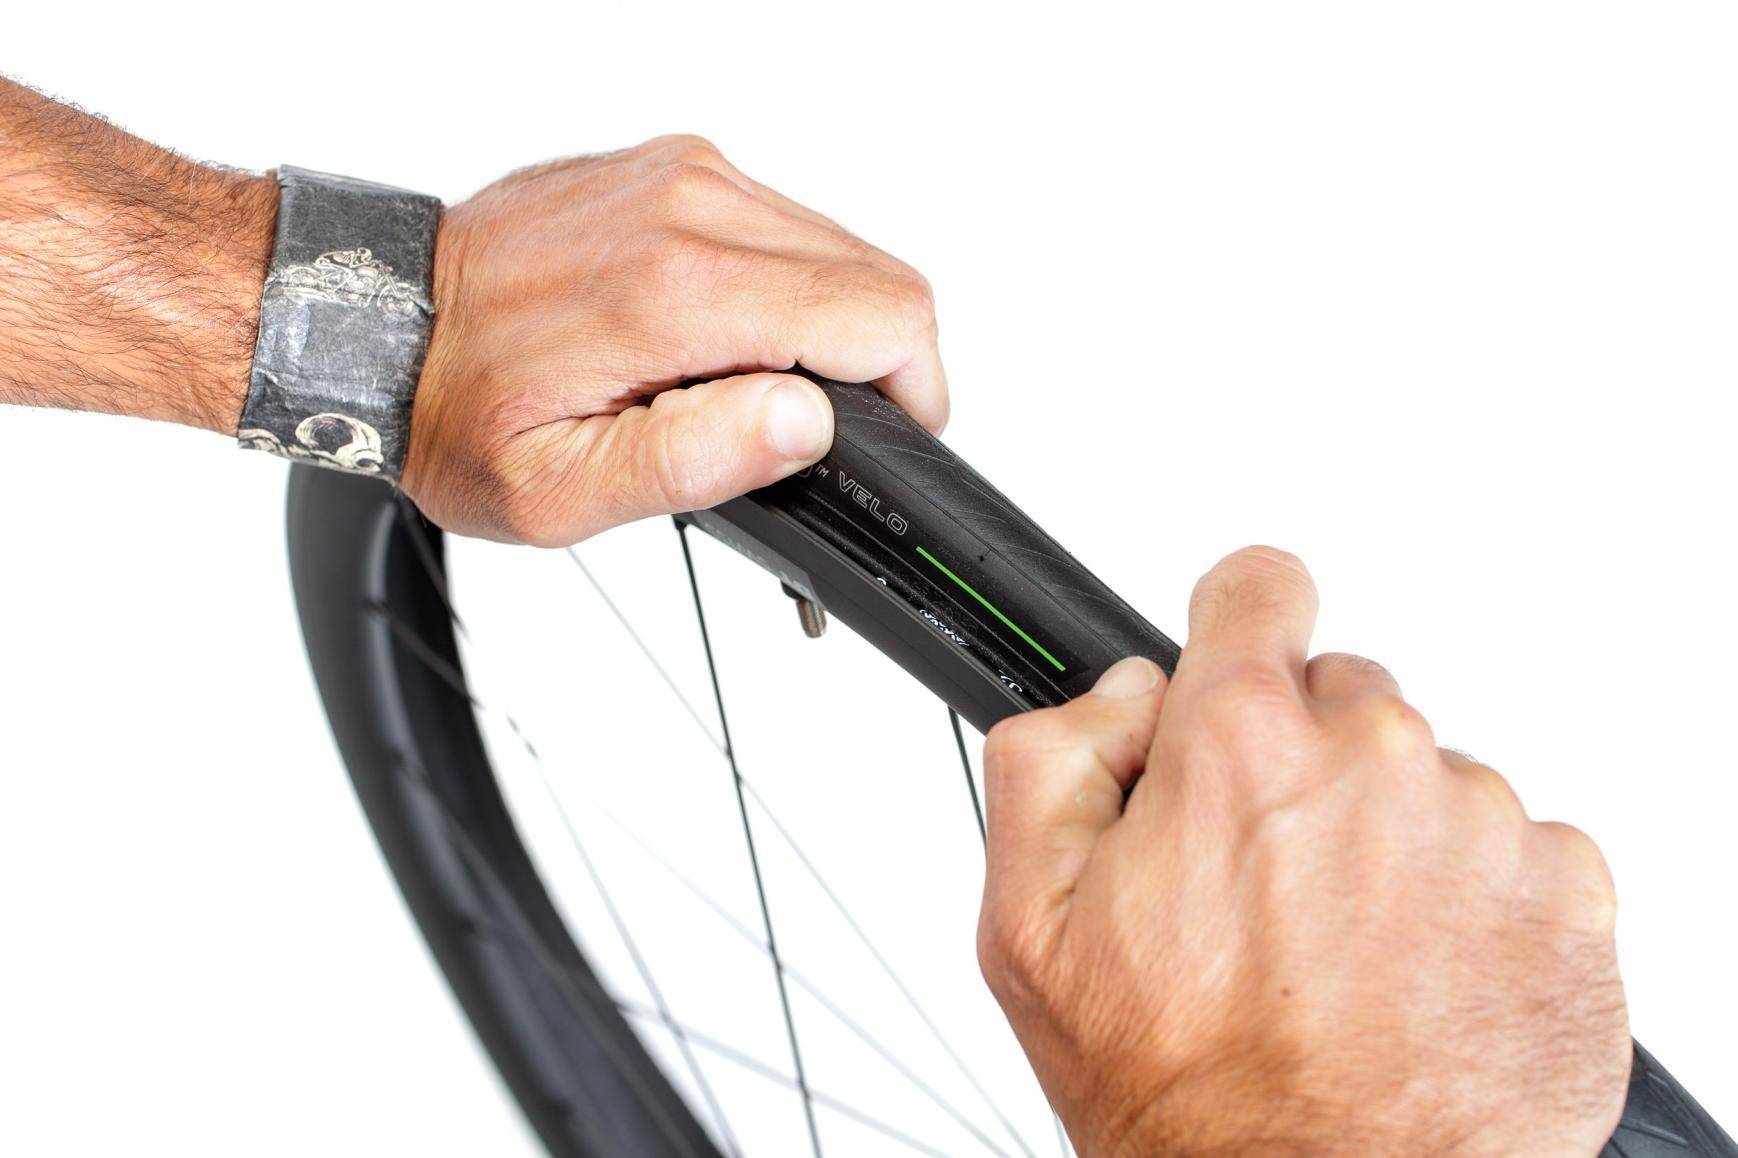 Den Reifen komplett aufziehen...